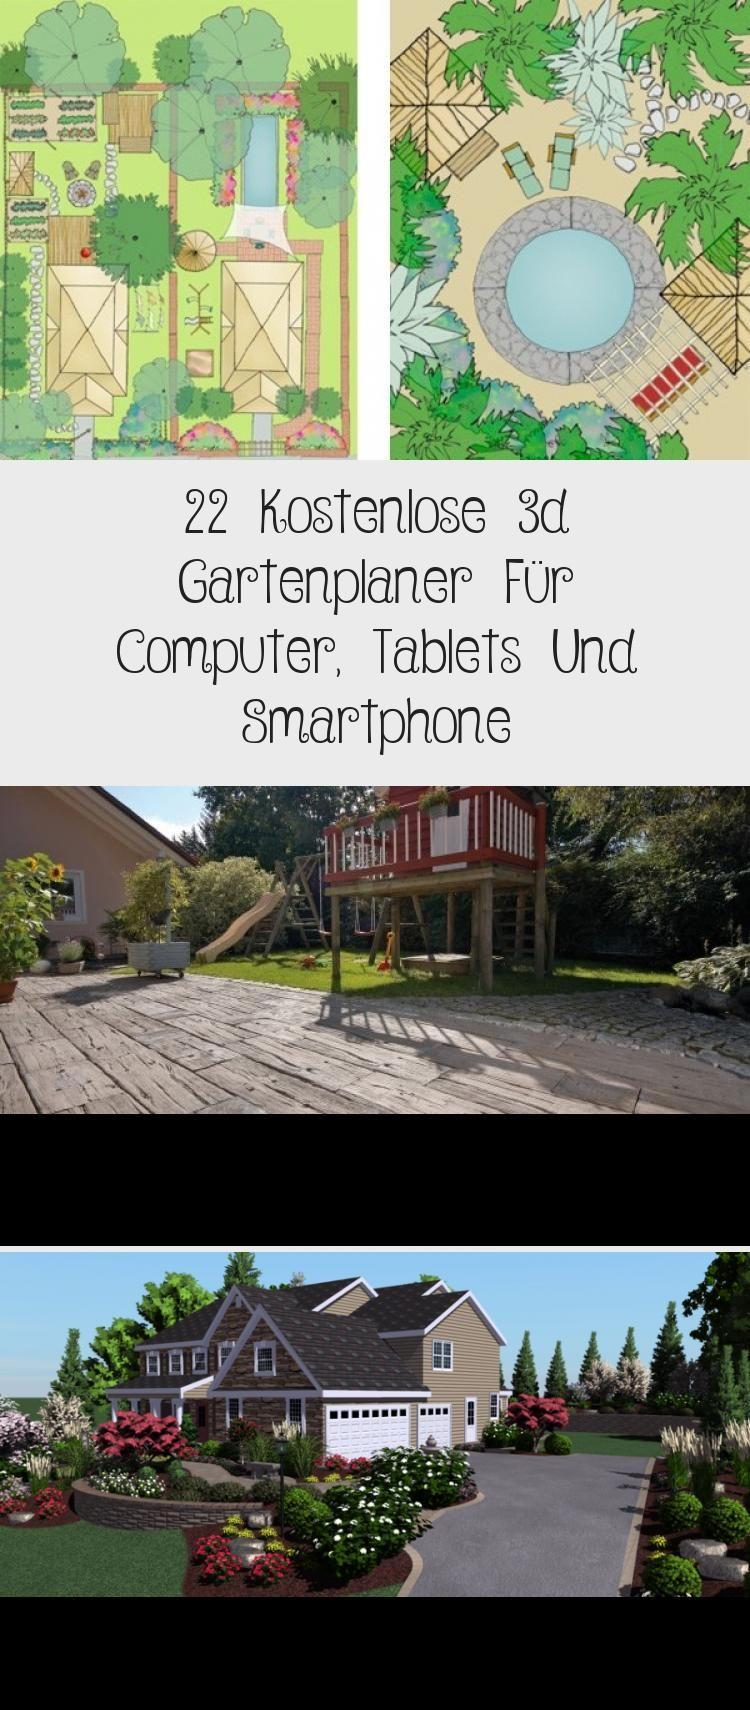 22 Kostenlose 3d Gartenplaner Fur Computer Tablets Und Smartphone In 2020 Gartenplanung Garten Landschaftsplanung